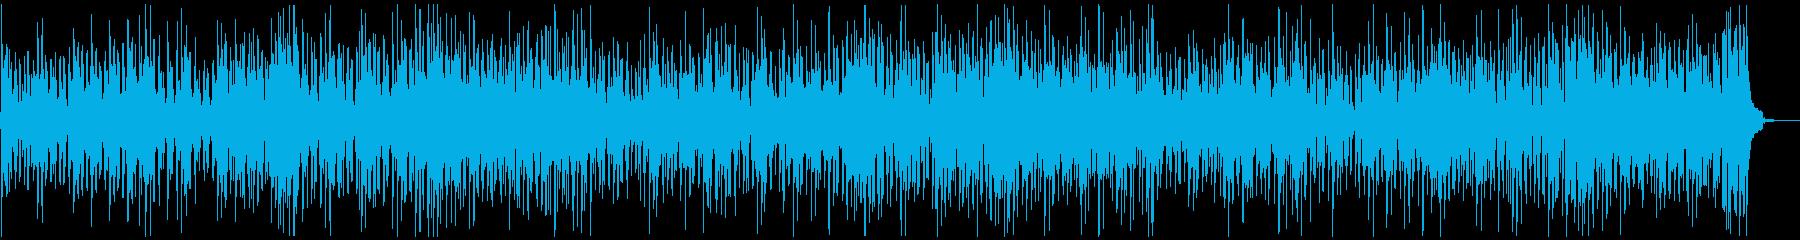 ウクレレが軽快なBGMの再生済みの波形